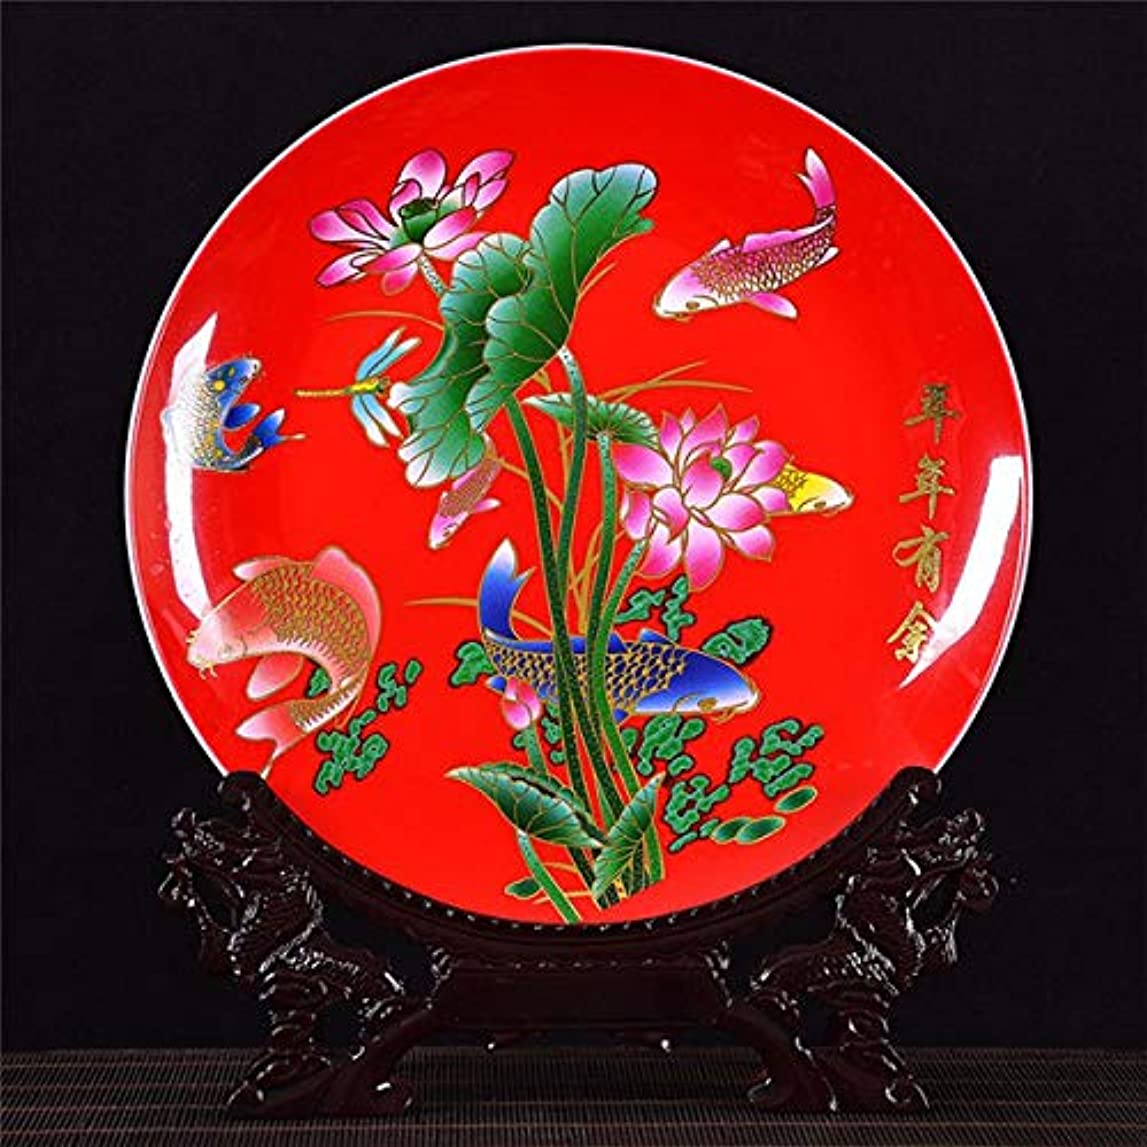 送料葉を集める結婚式WOAIPG 磁器 鳥のさえずり家の装飾陶磁器の装飾的な板装飾的な板木製のベース磁器プレート結婚祝い  4